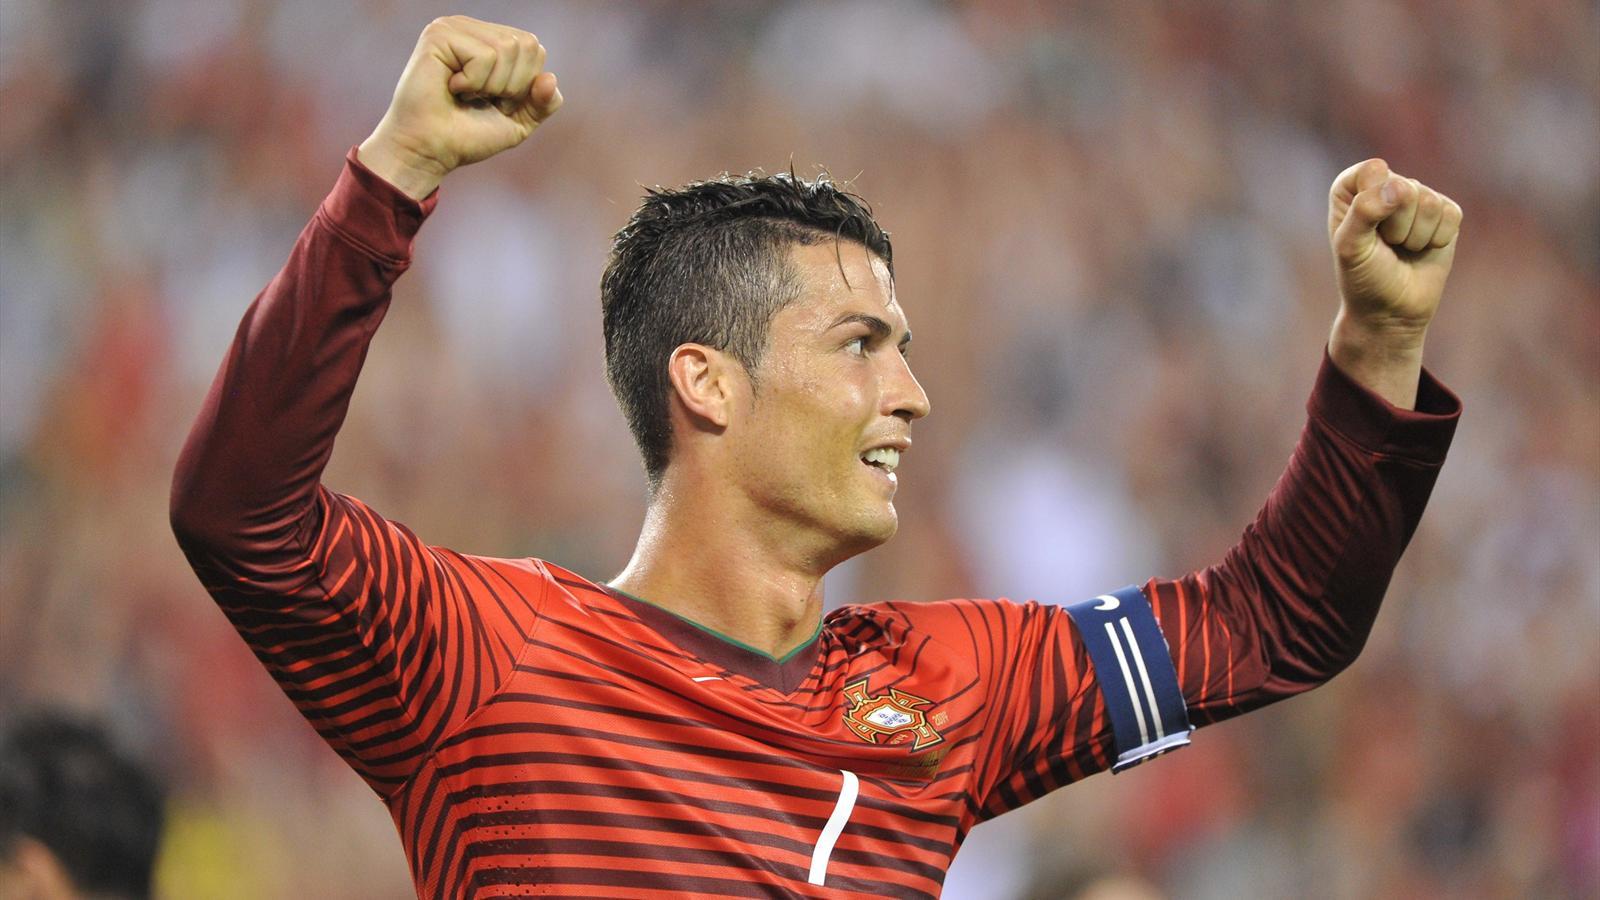 Coupe du monde 2014 sur quelle cha ne regarder les - Regarder la coupe d afrique en direct ...